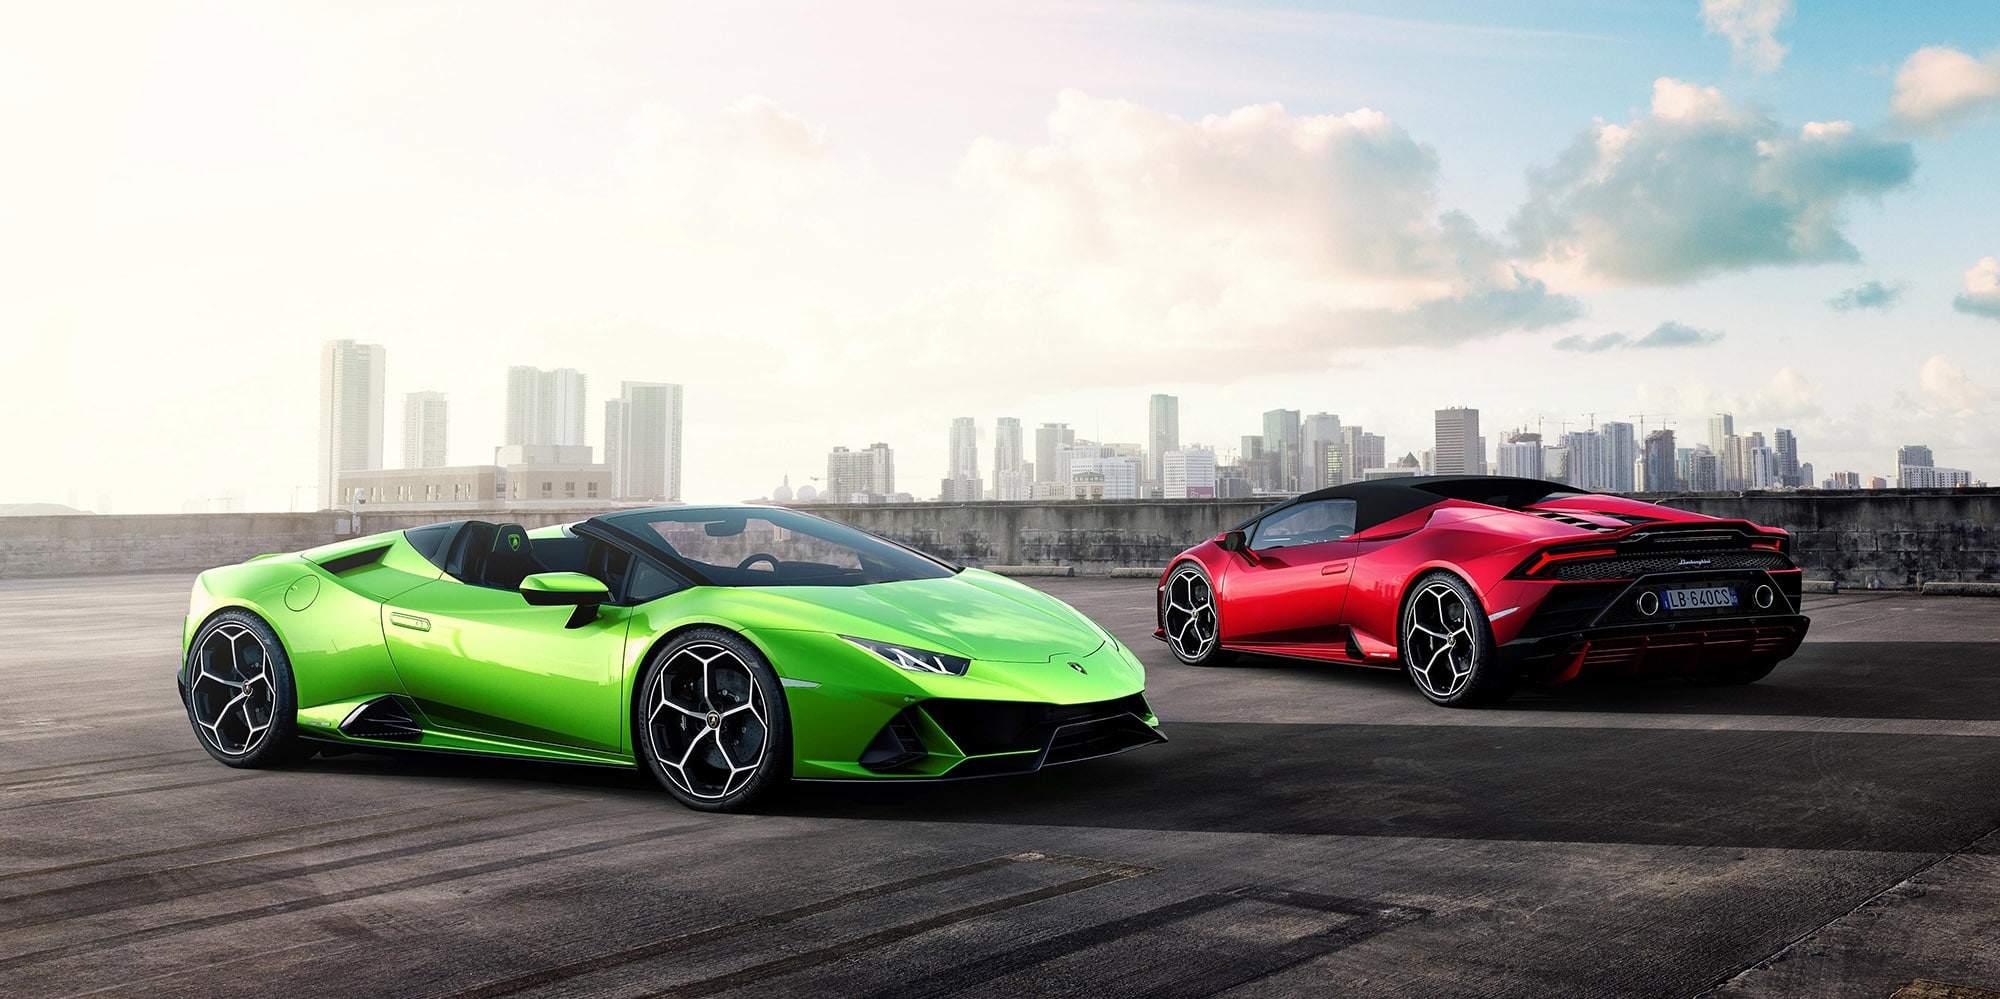 Rent a Lamborghini Huracán Evo Spyder